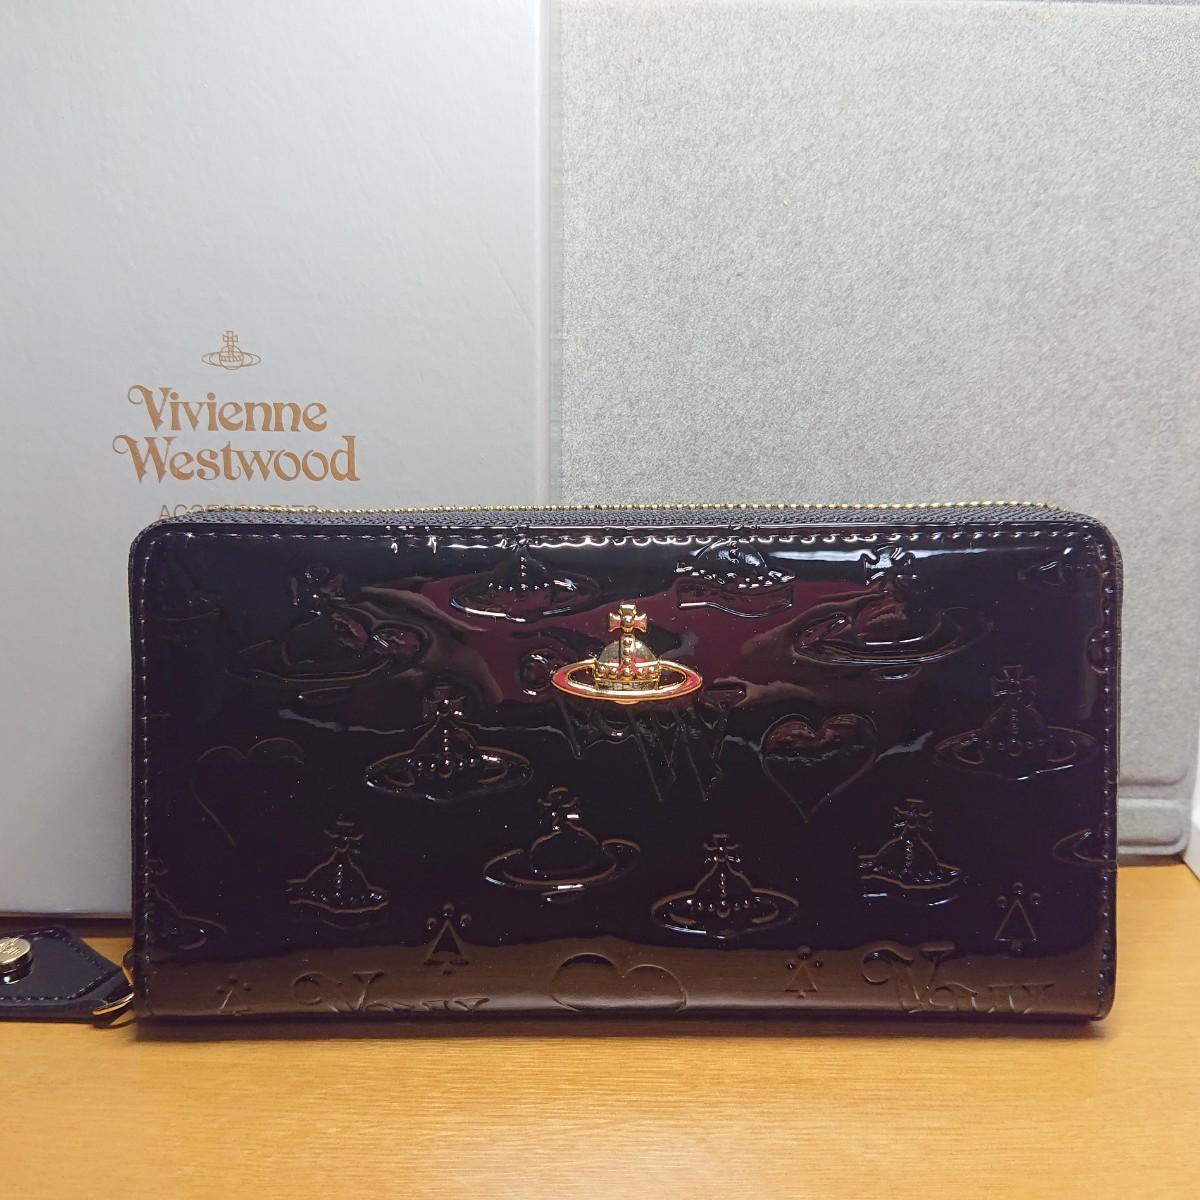 【最終値下げ】Vivienne Westwood 長財布 ヴィヴィアンウエストウッド 黒